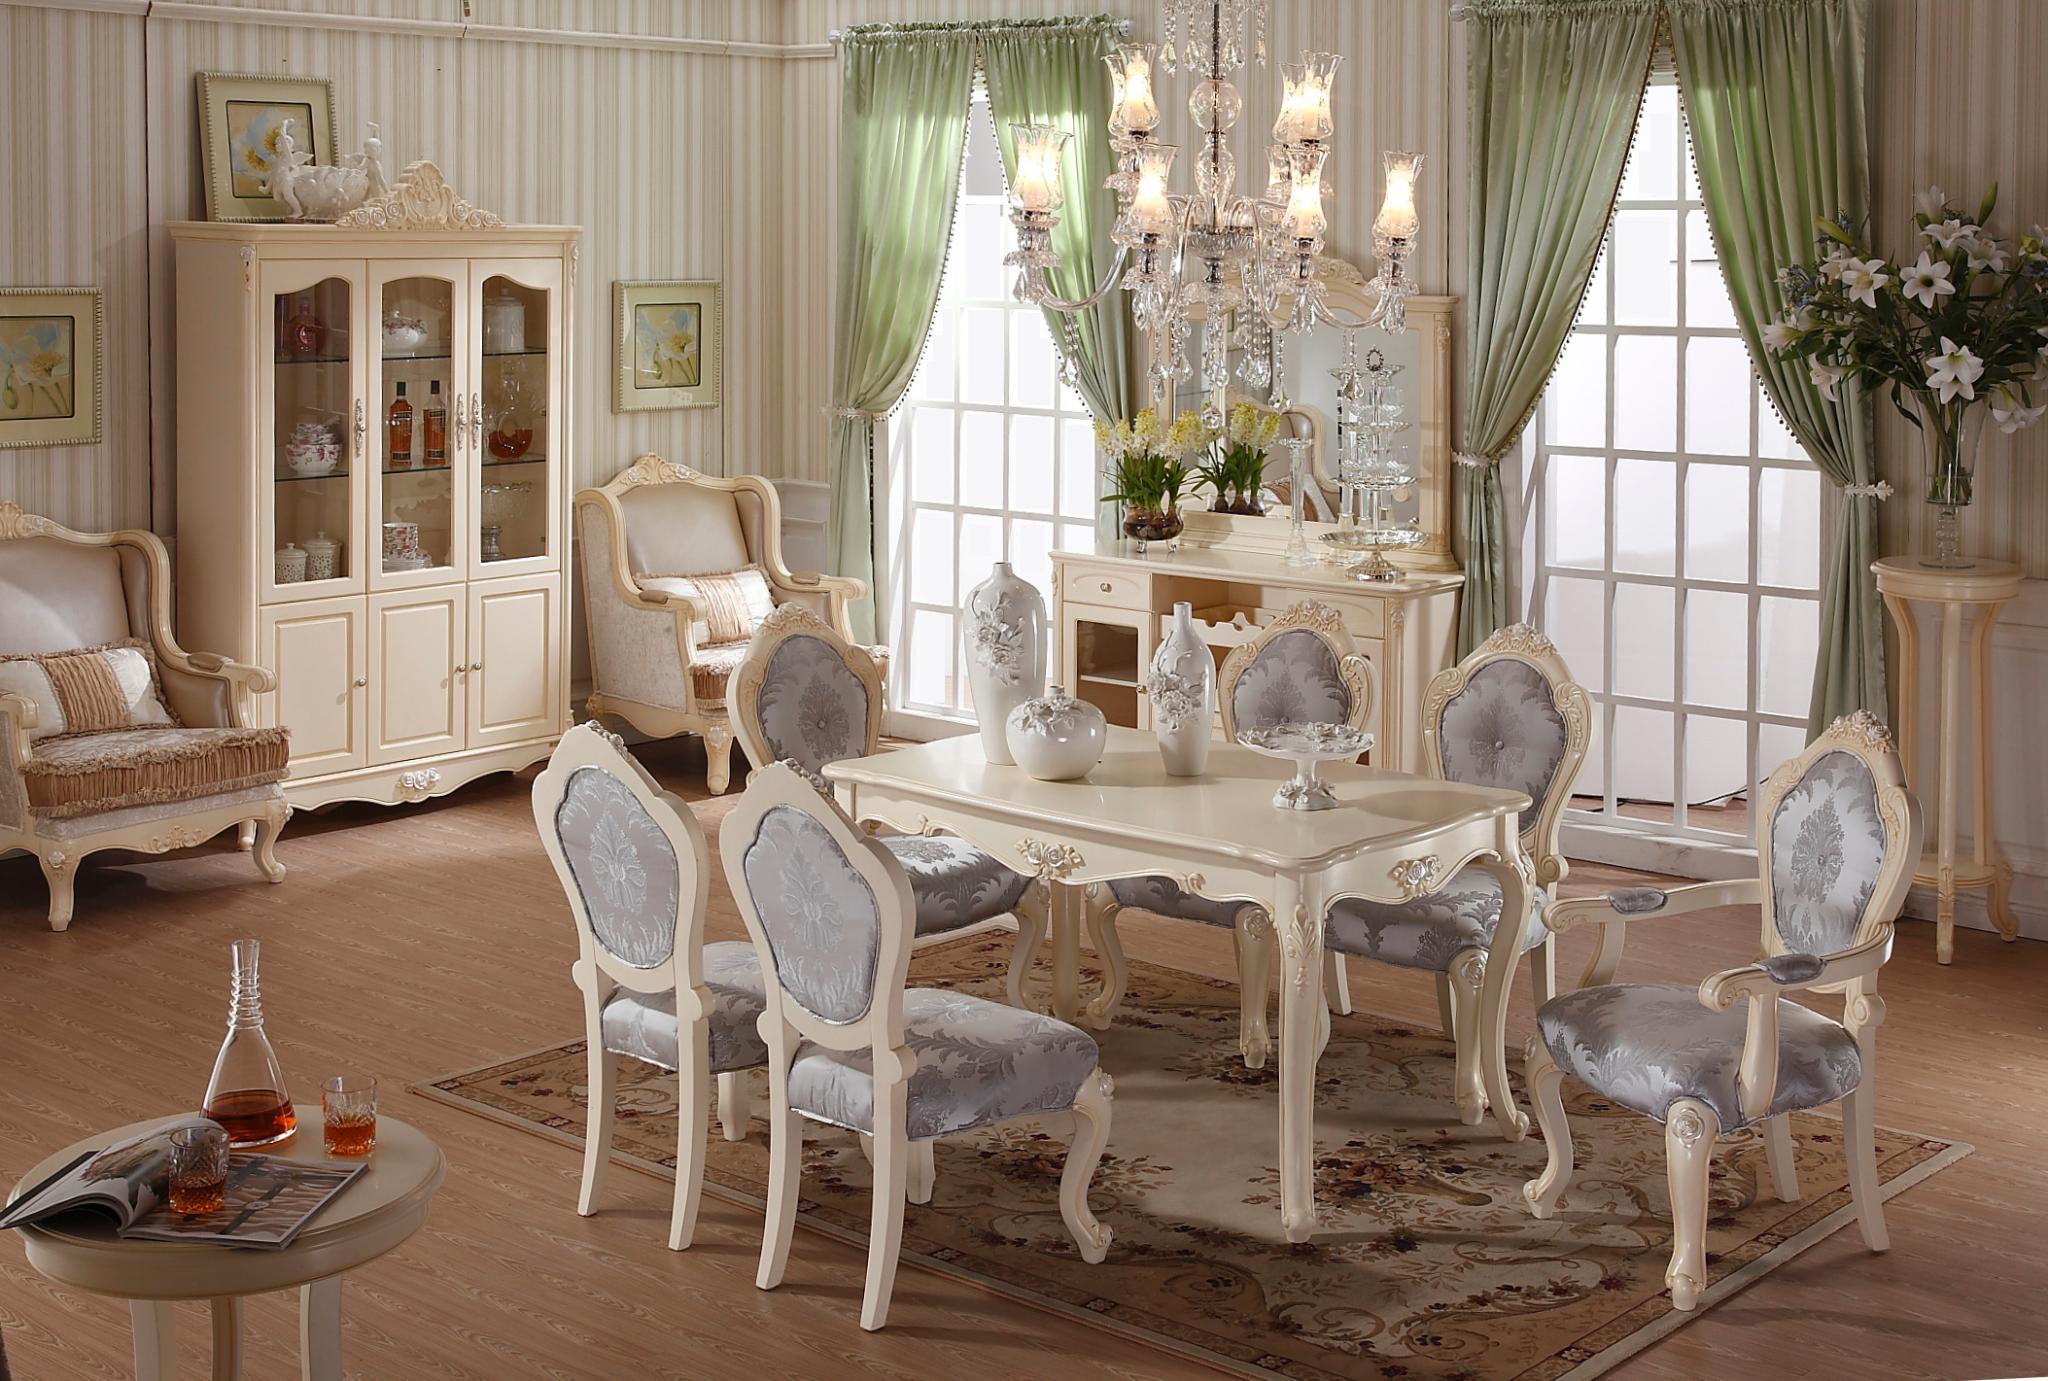 木槿之恋玫瑰欧式家具——年度十大图片